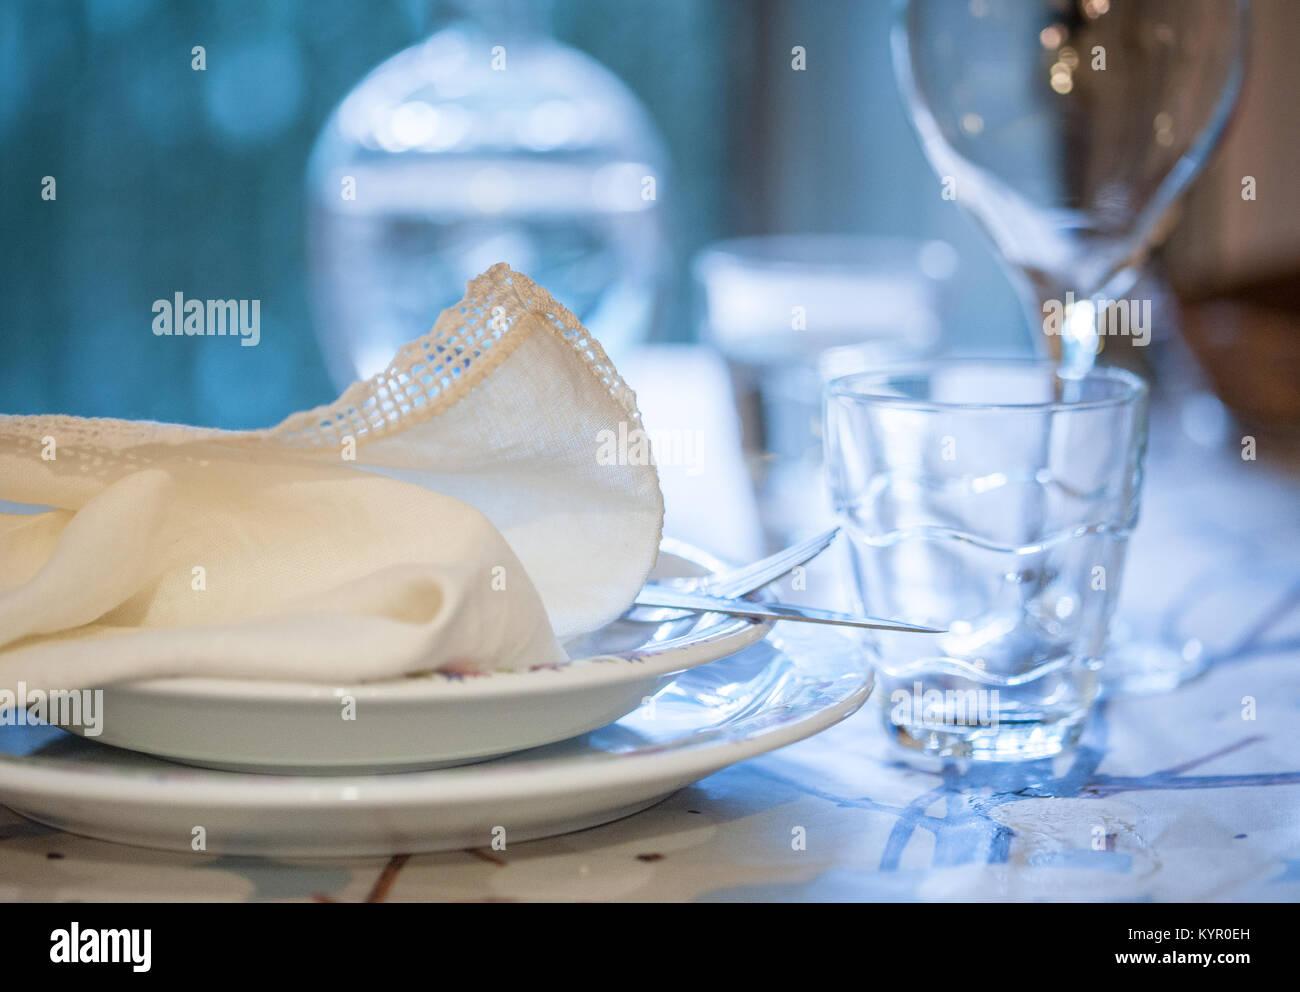 Elegante conjunto de mesa para cenar en un verano con platos de porcelana blanca, blanco vintage lace servilleta Foto de stock